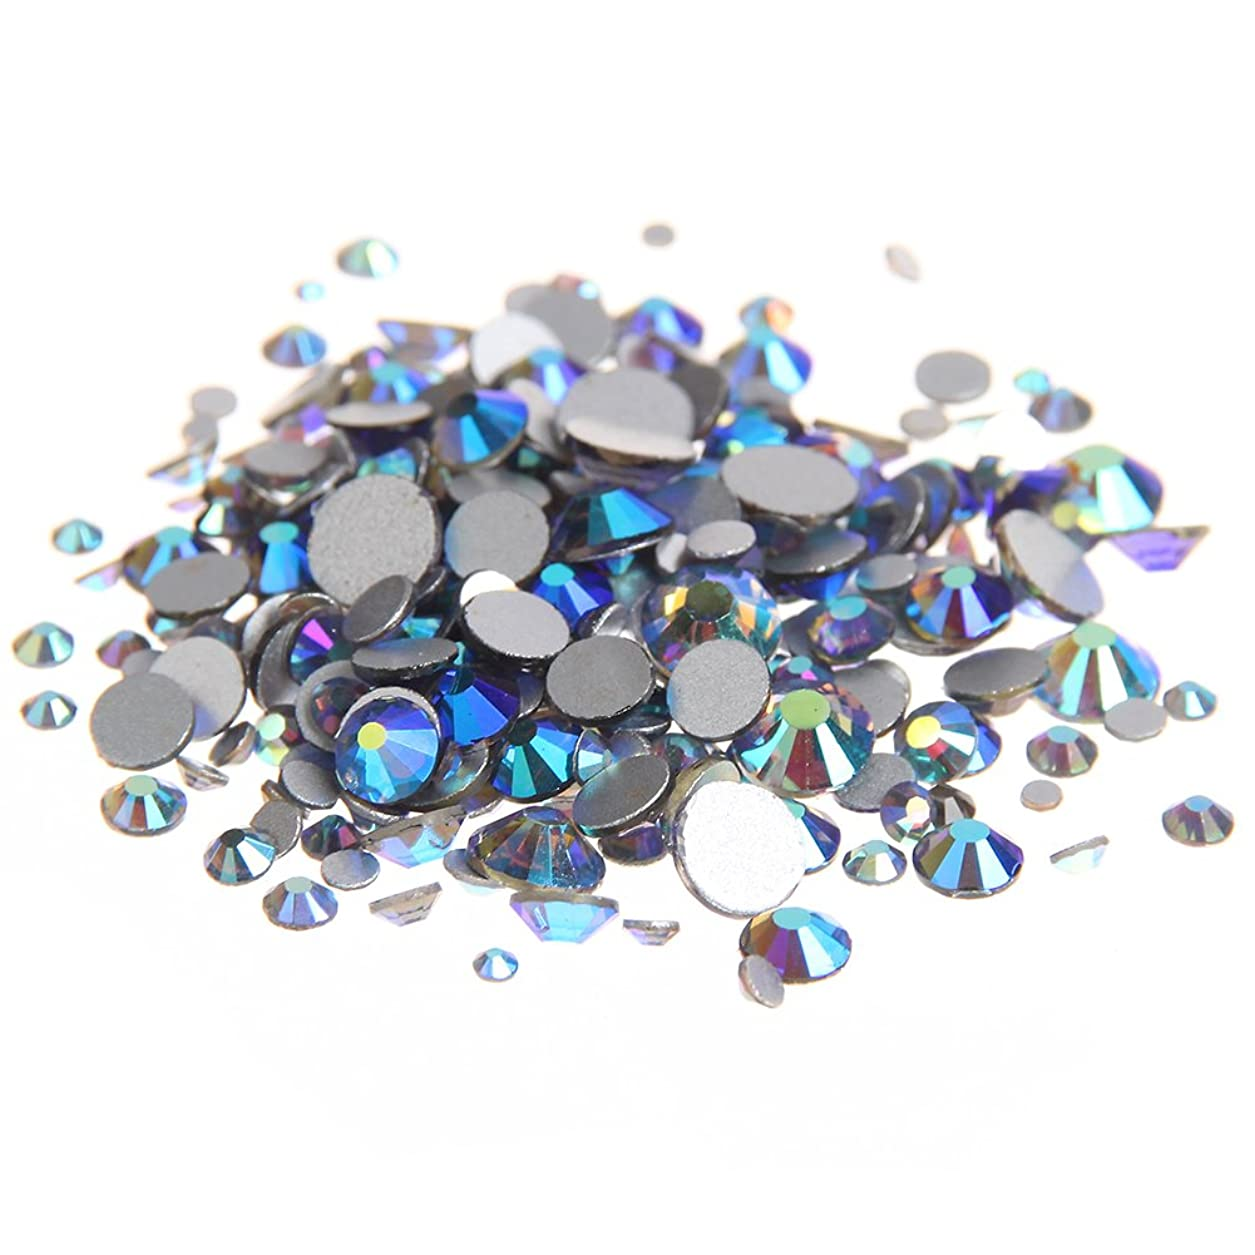 水族館禁止するバレエNizi ジュエリー ブランド ブラックダイヤモンドオーロラ ラインストーン は ガラスの材質 ネイル使用 型番ss3-ss30 (SS16 1440pcs)